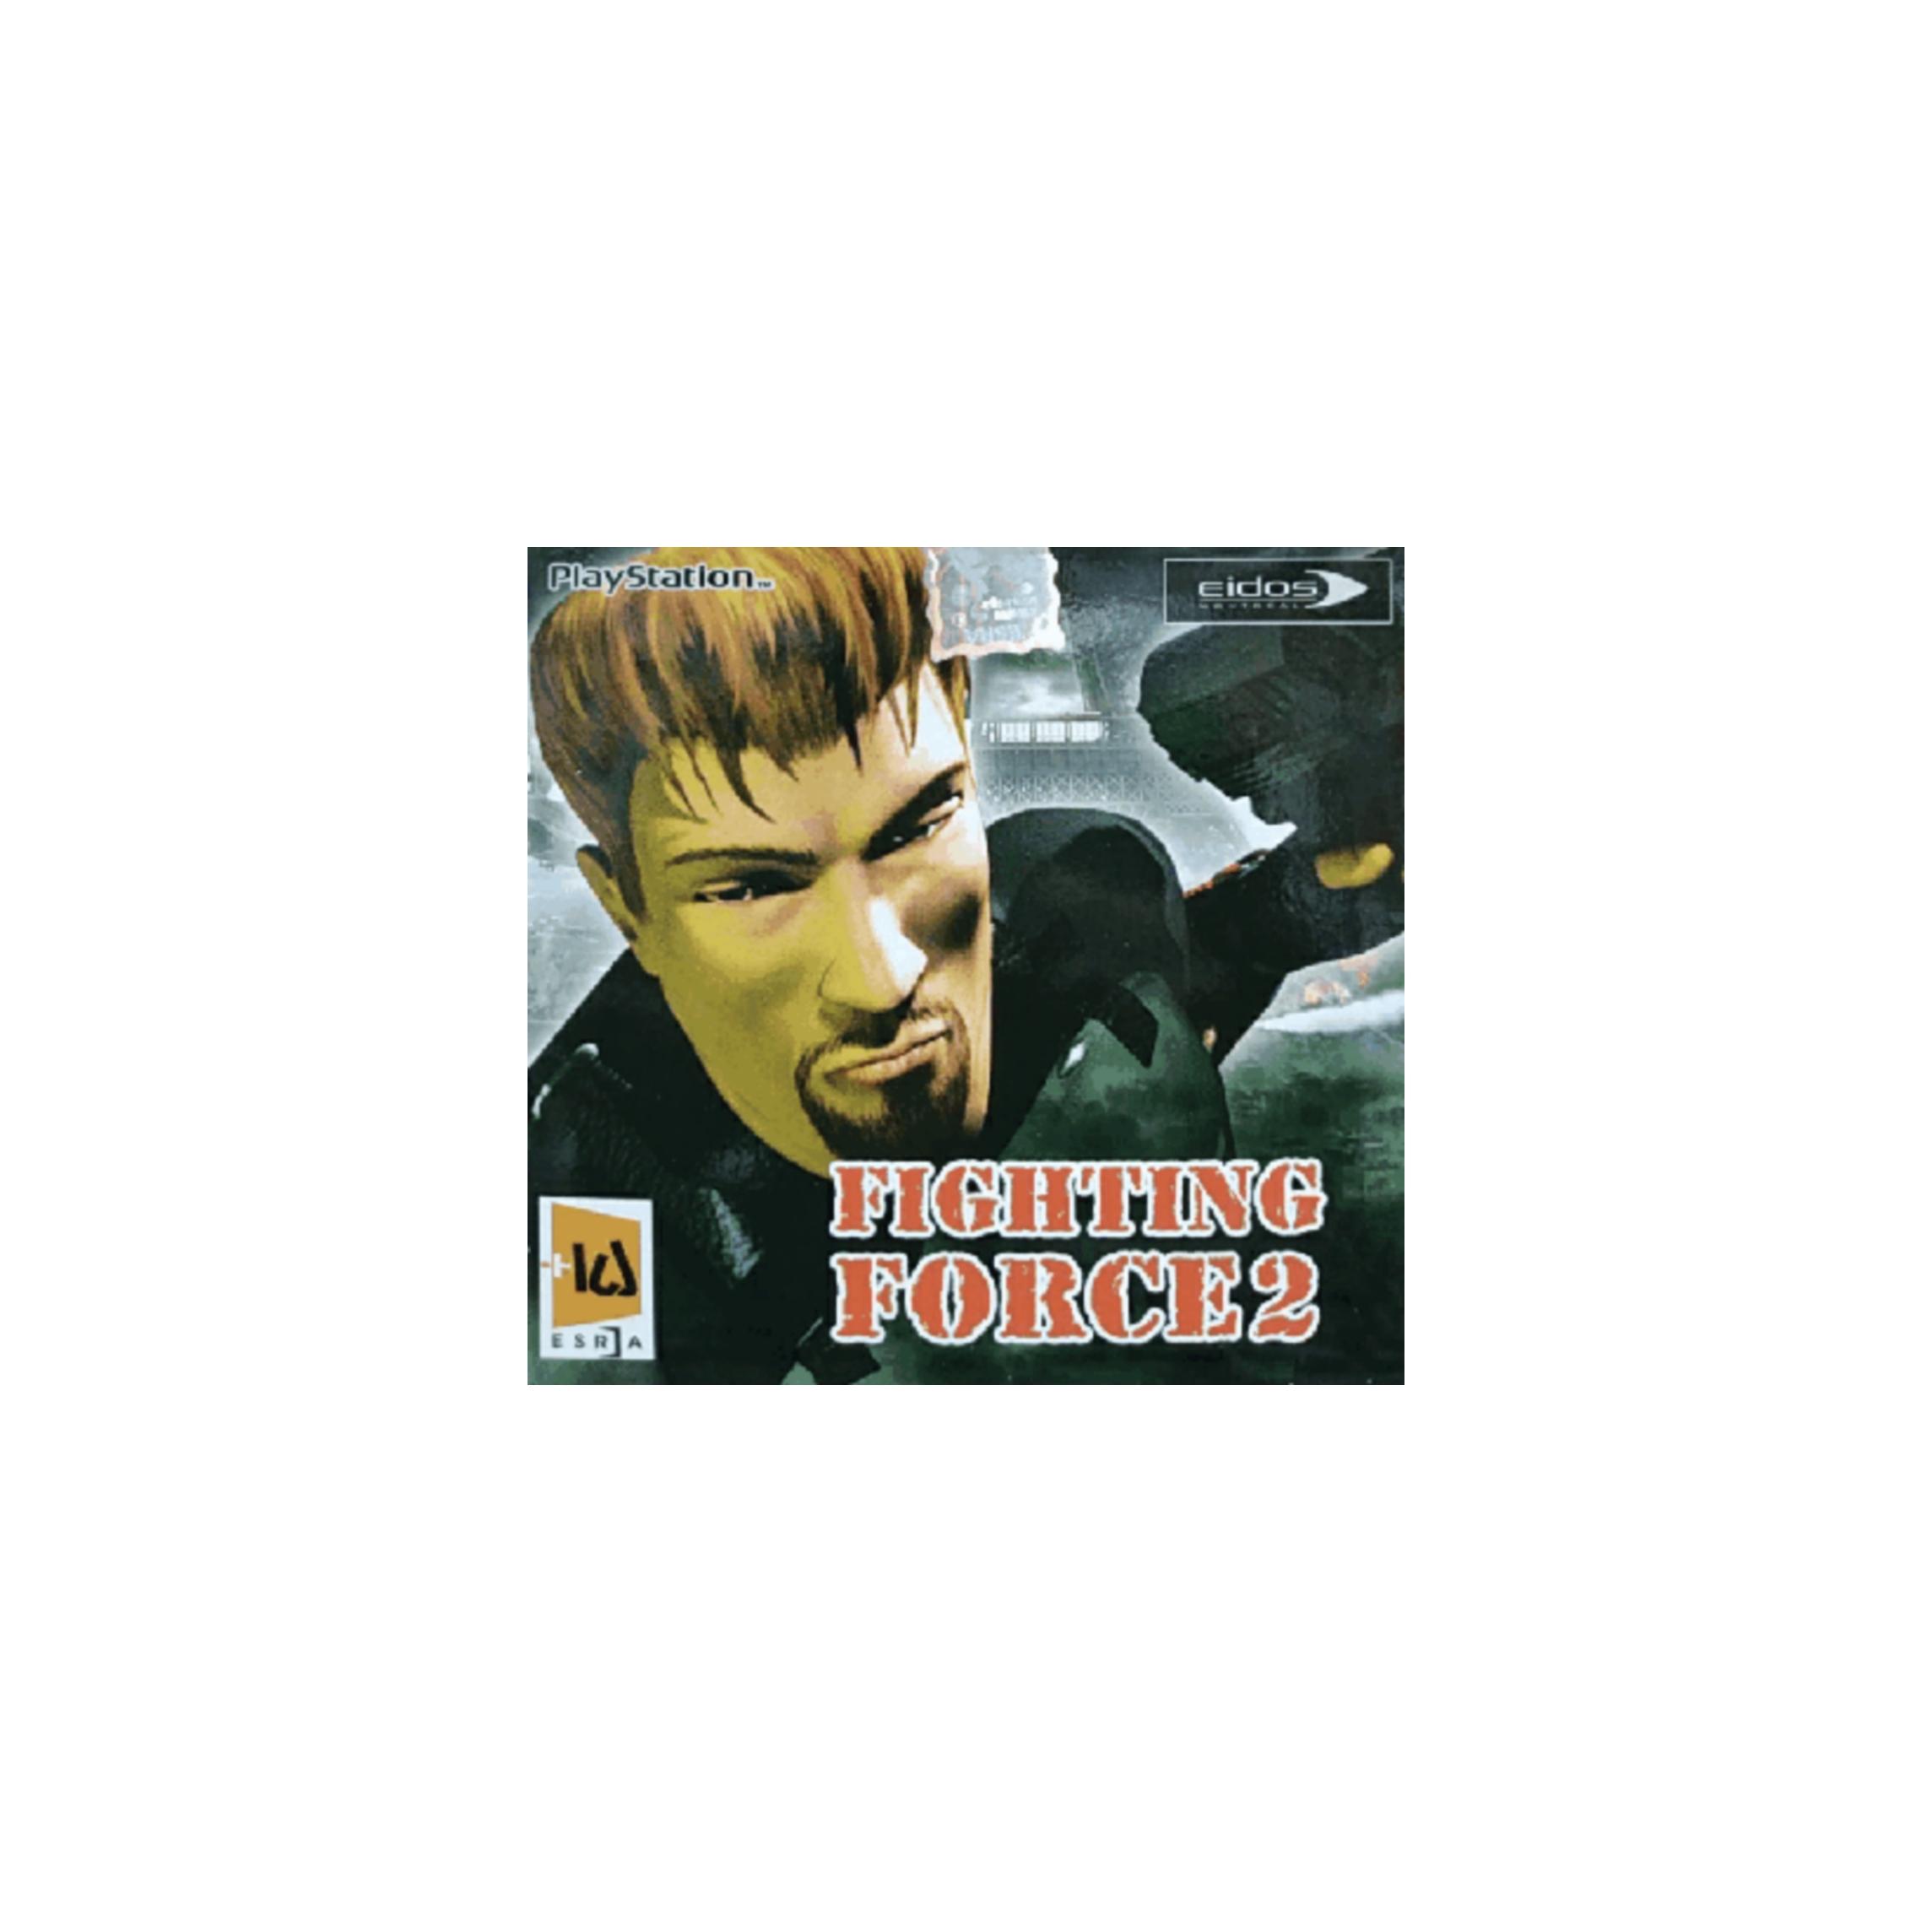 بازی FIGHTING FORCE2 مخصوص PS1